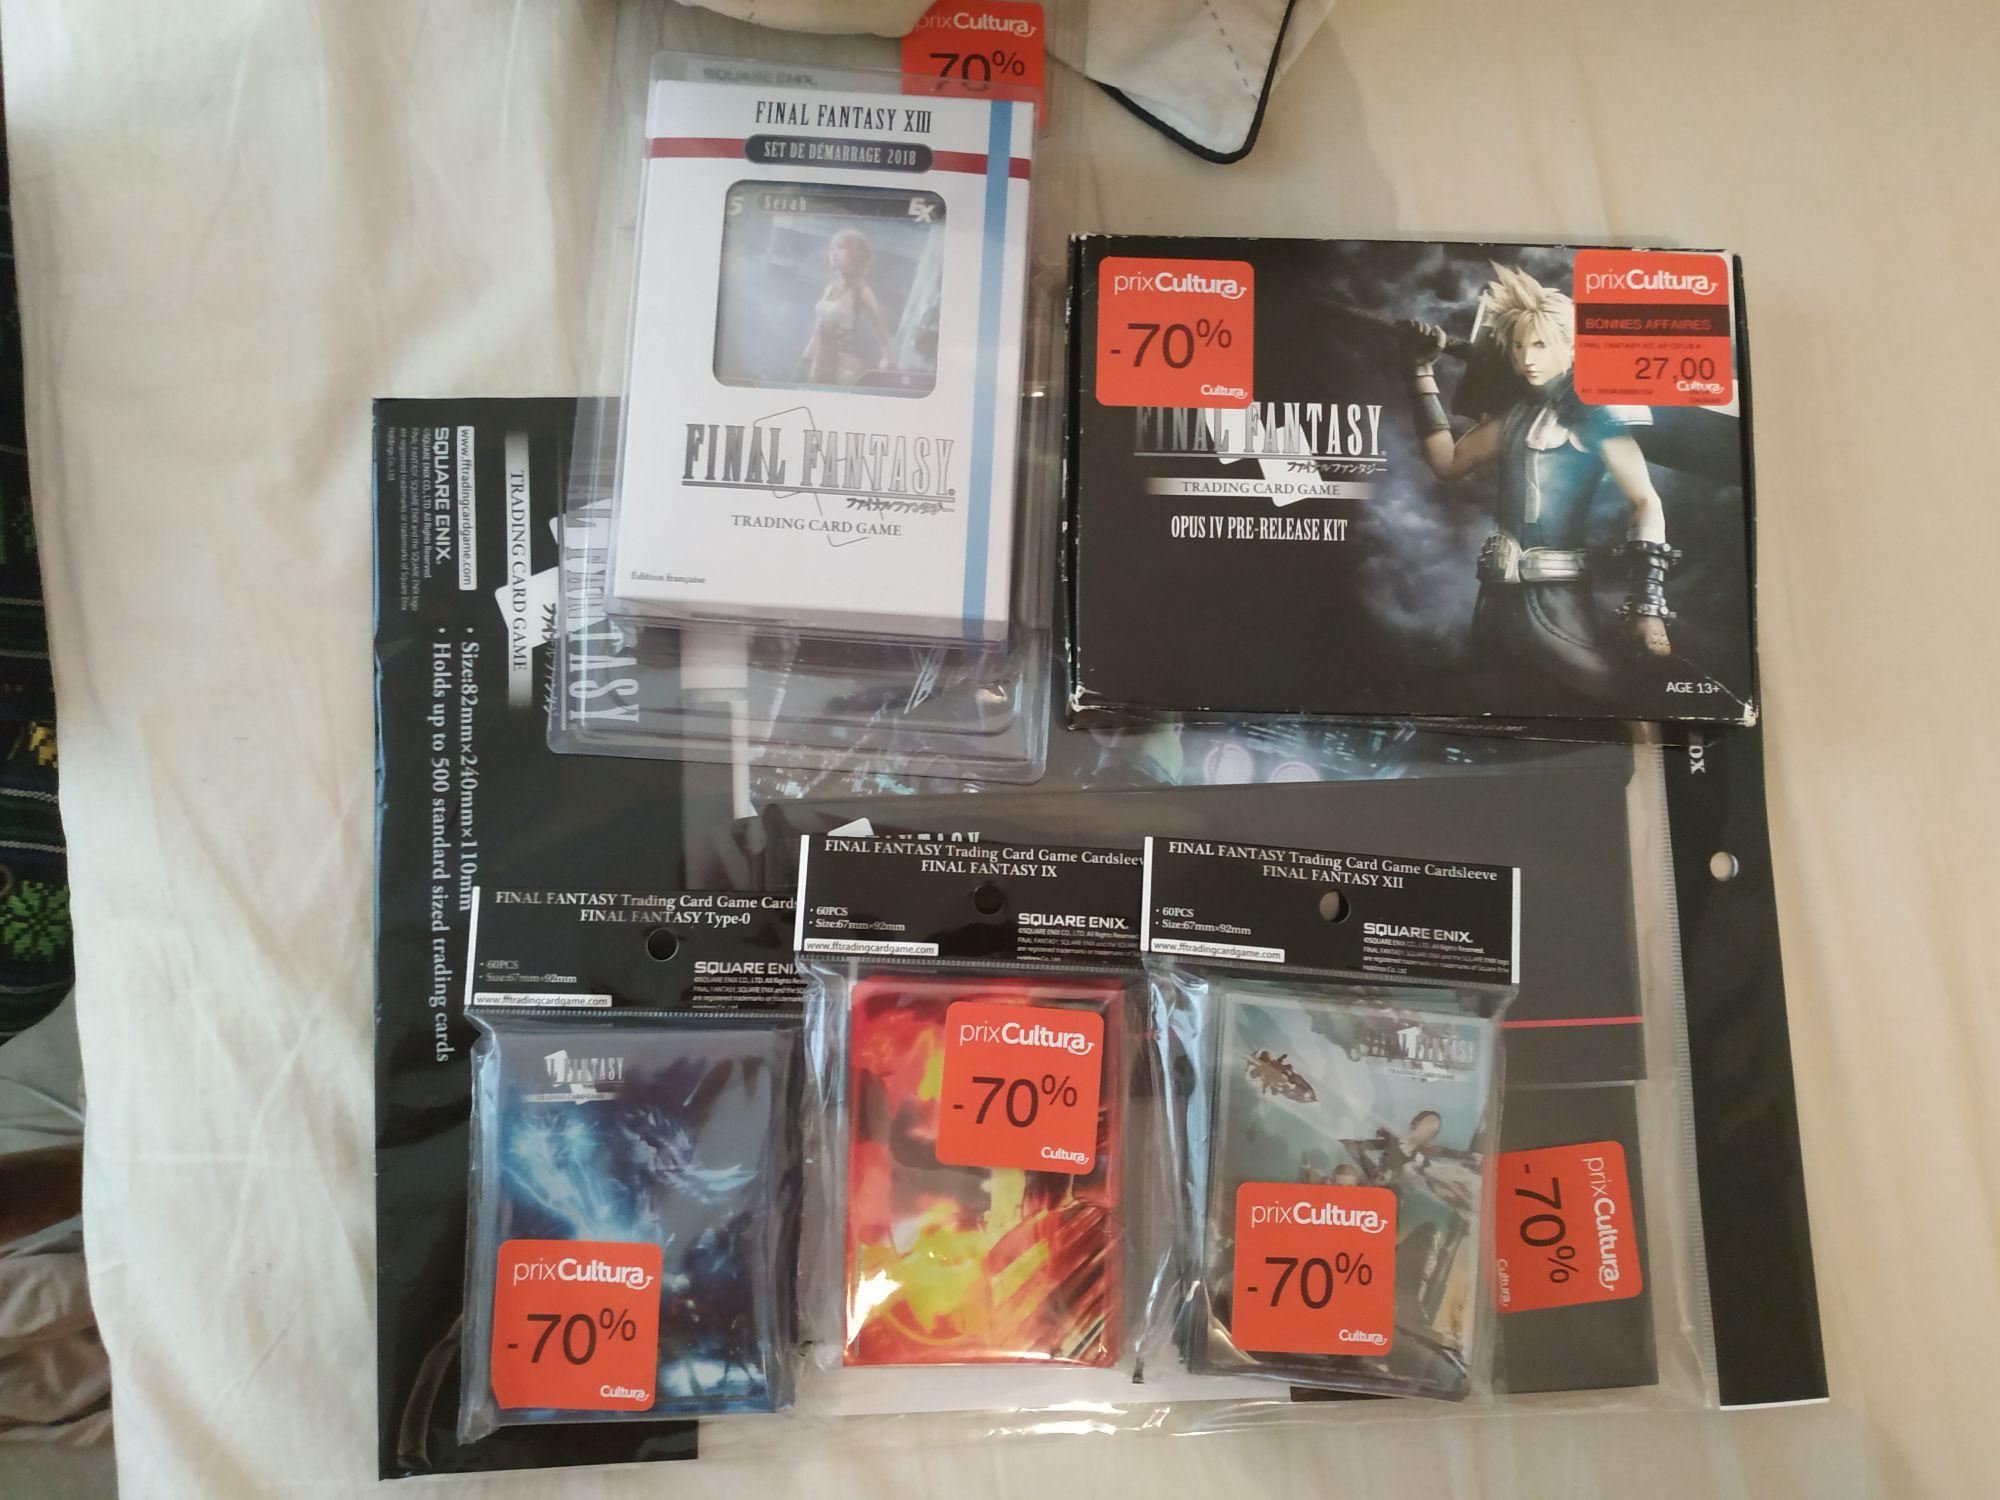 Sélection de Cartes et Accessoires TCG Final Fantasy en soldes - Cultura Balma Gramont (31)